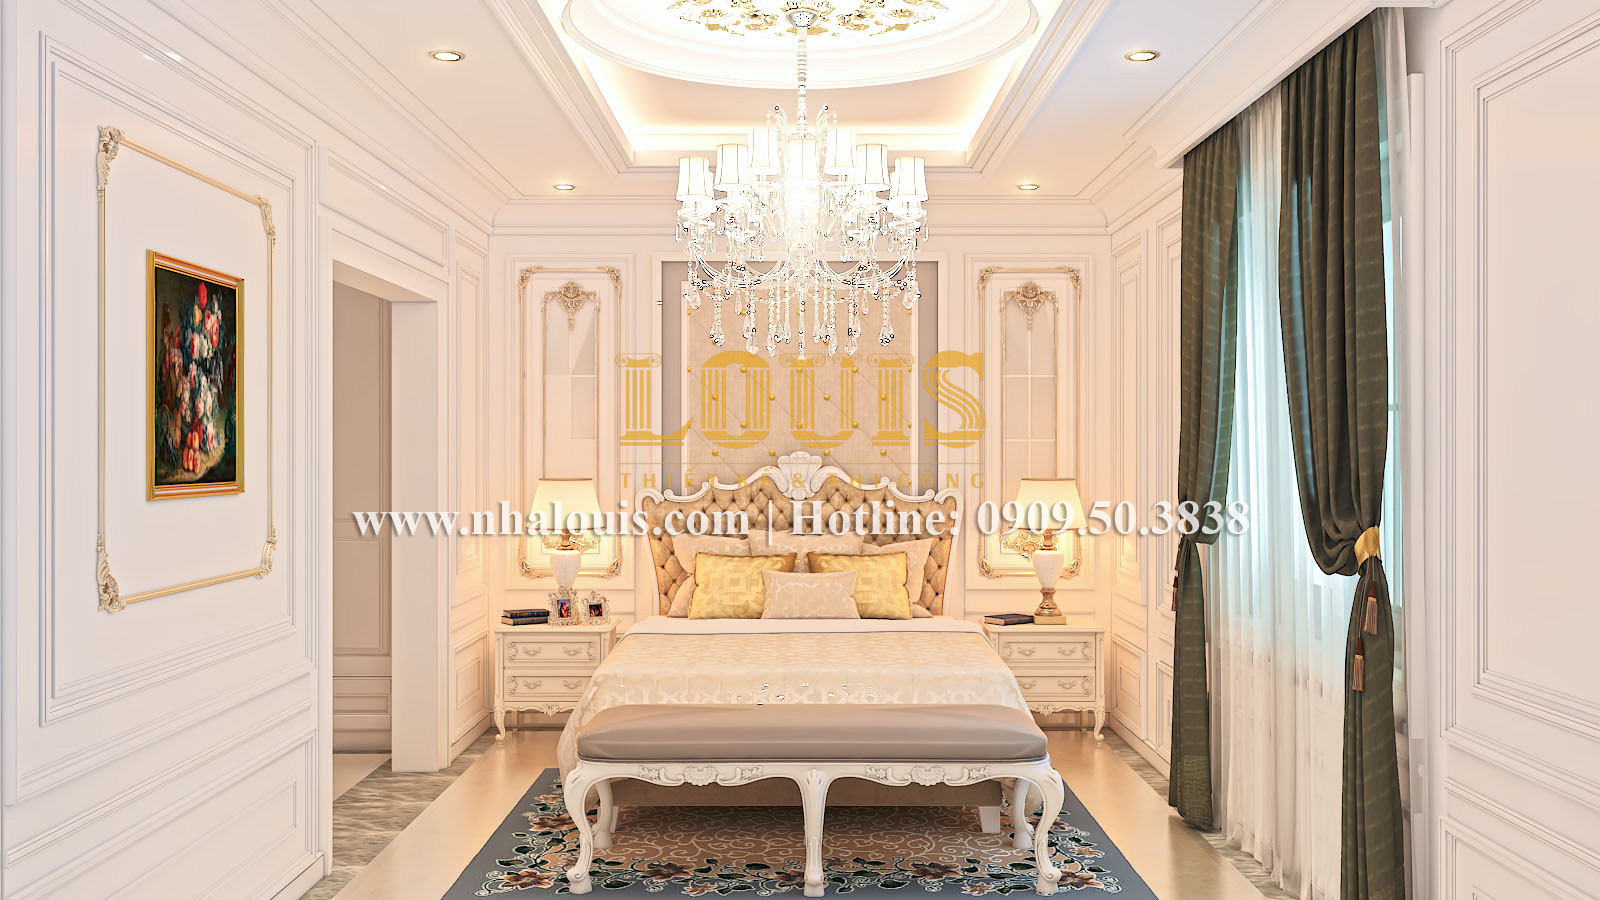 Phòng ngủ Mẫu biệt thự kiến trúc Pháp tại Đồng Nai đẹp hoa lệ - 19